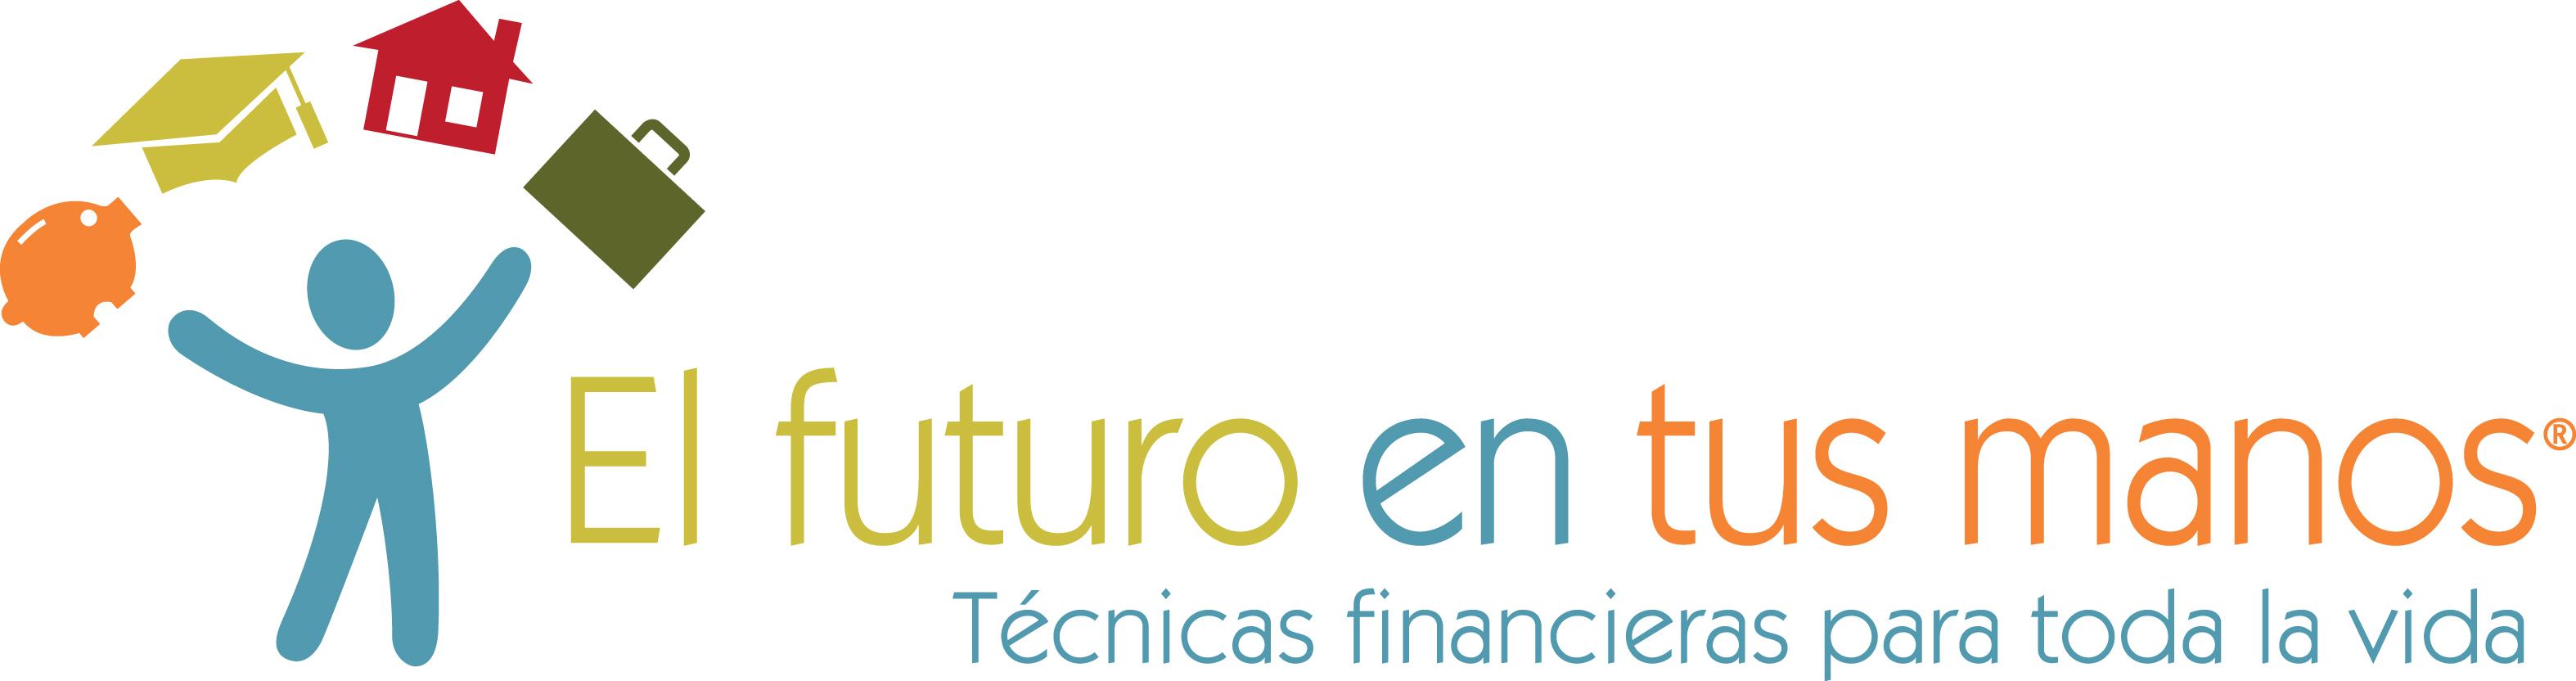 el futuro en tus manos tecnicas financieras para toda la vida